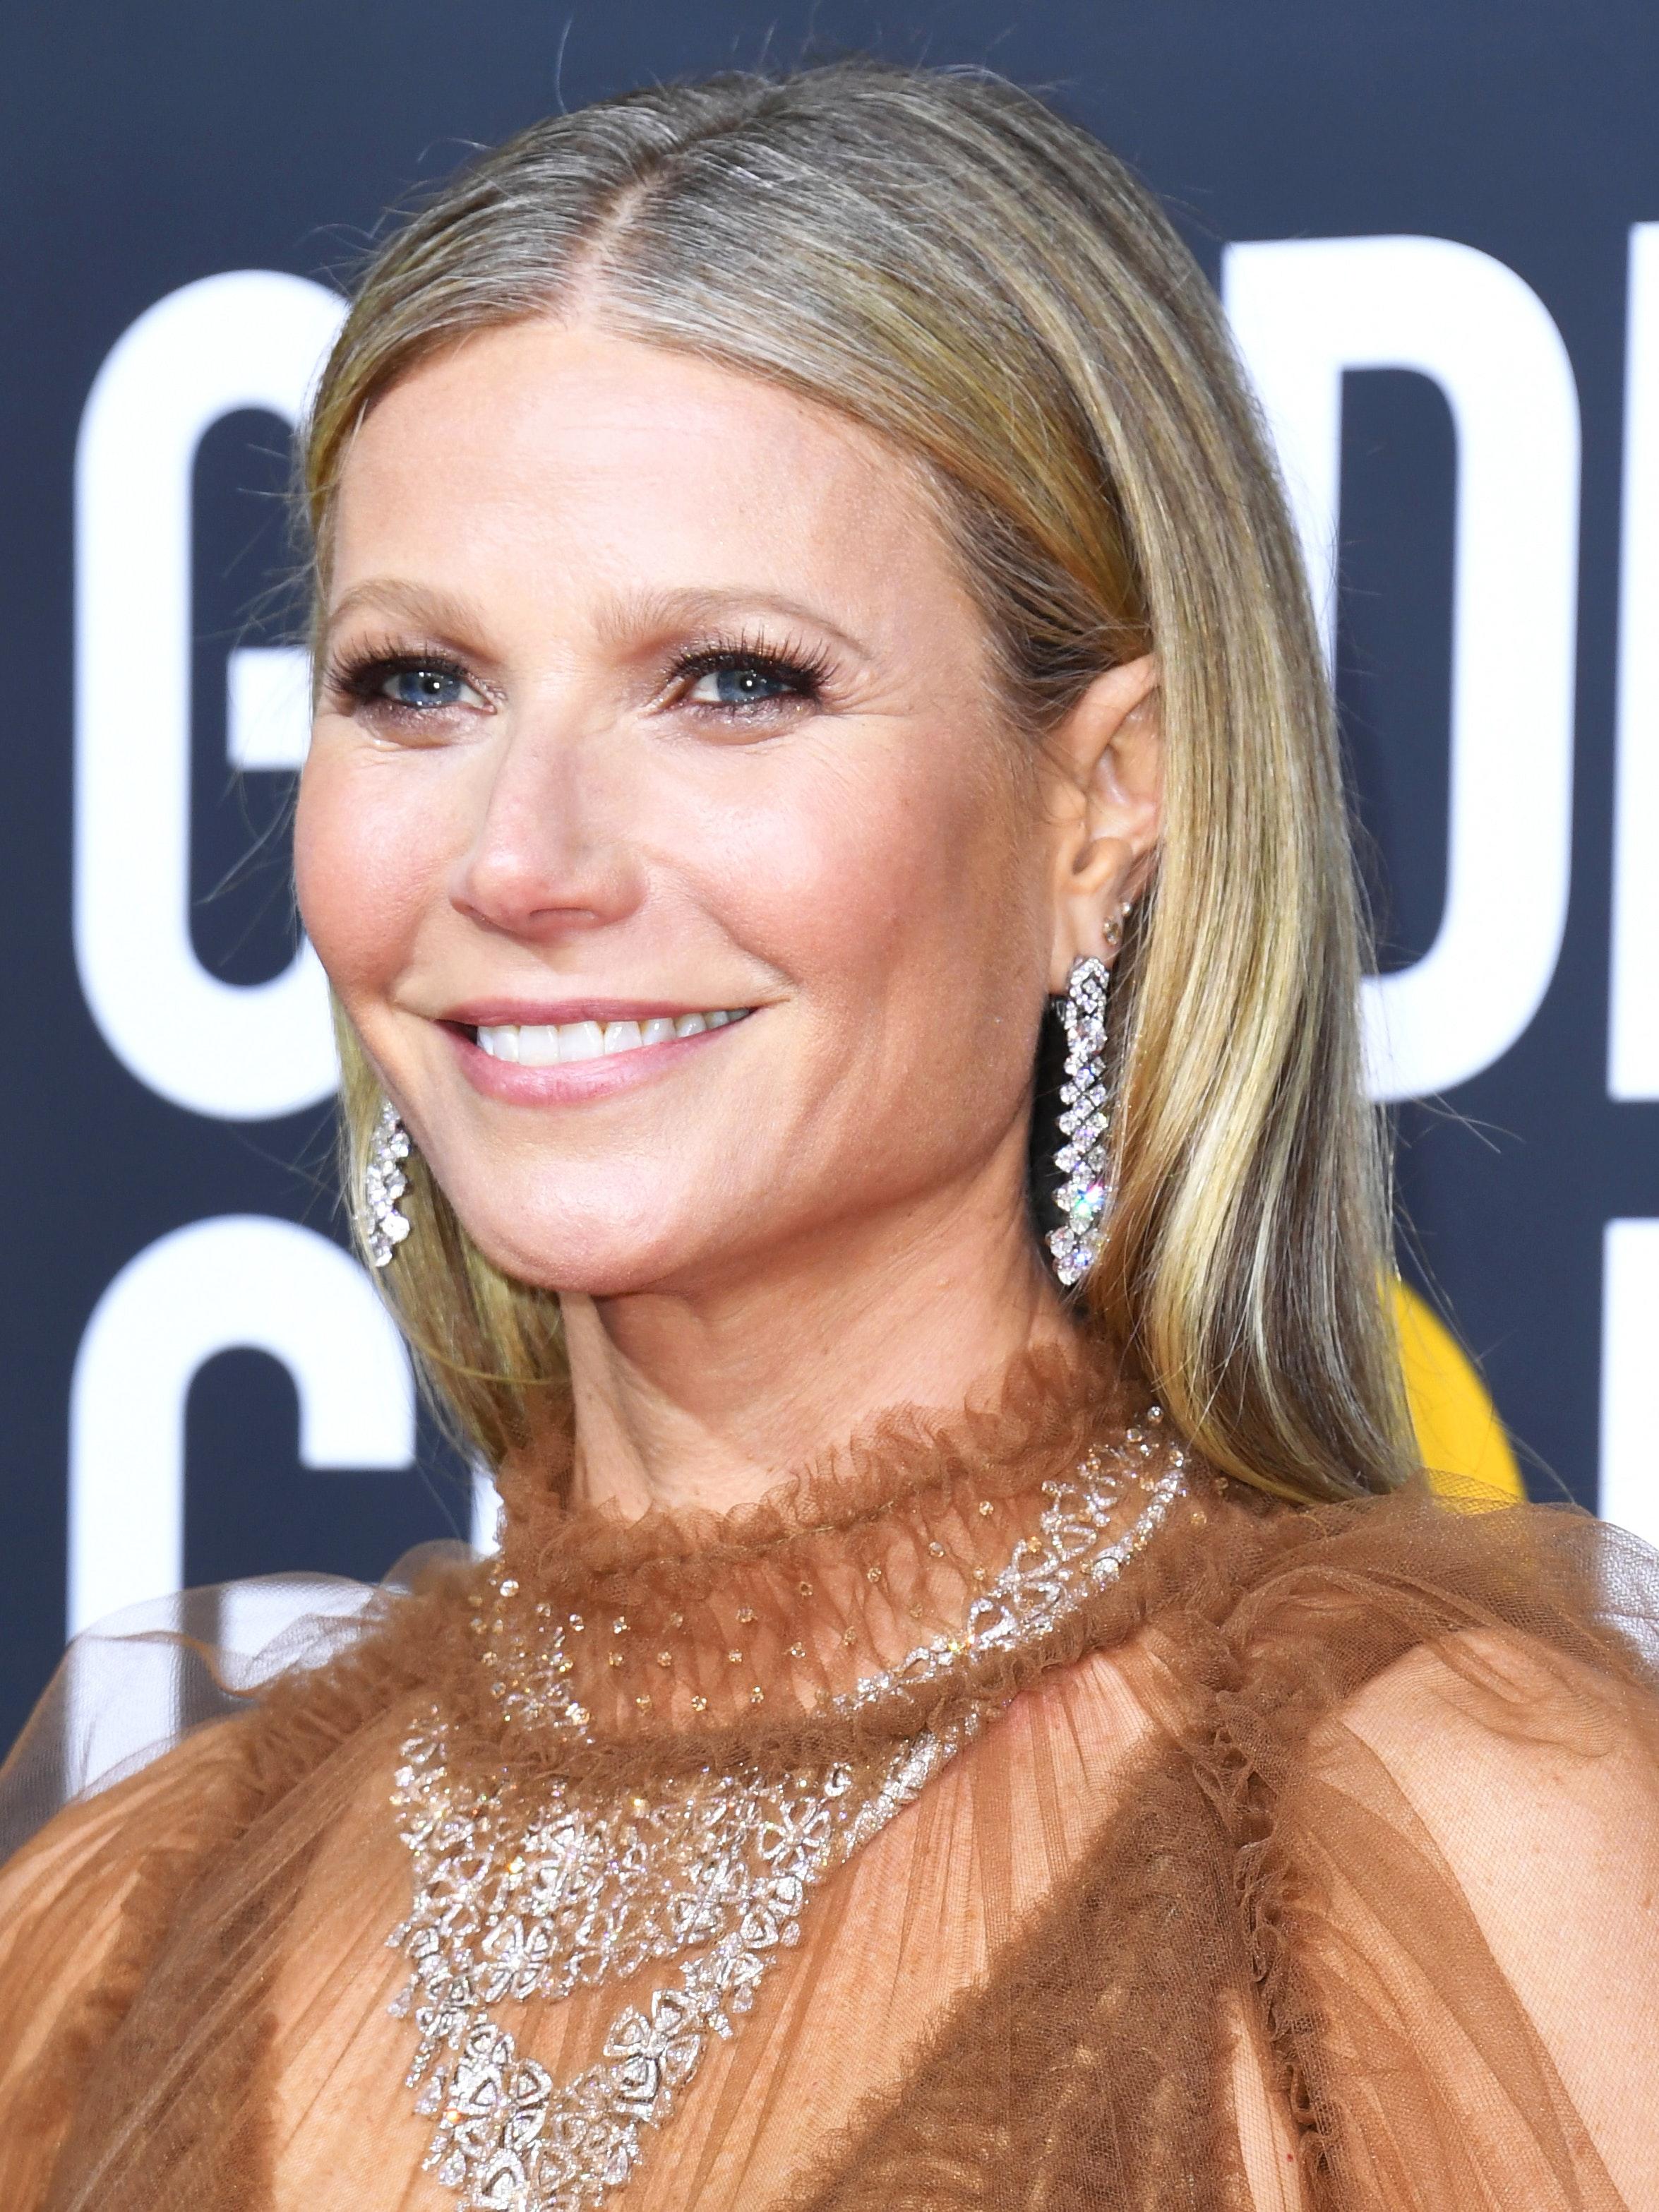 Gwenyth Paltrow Golden Globes 2020